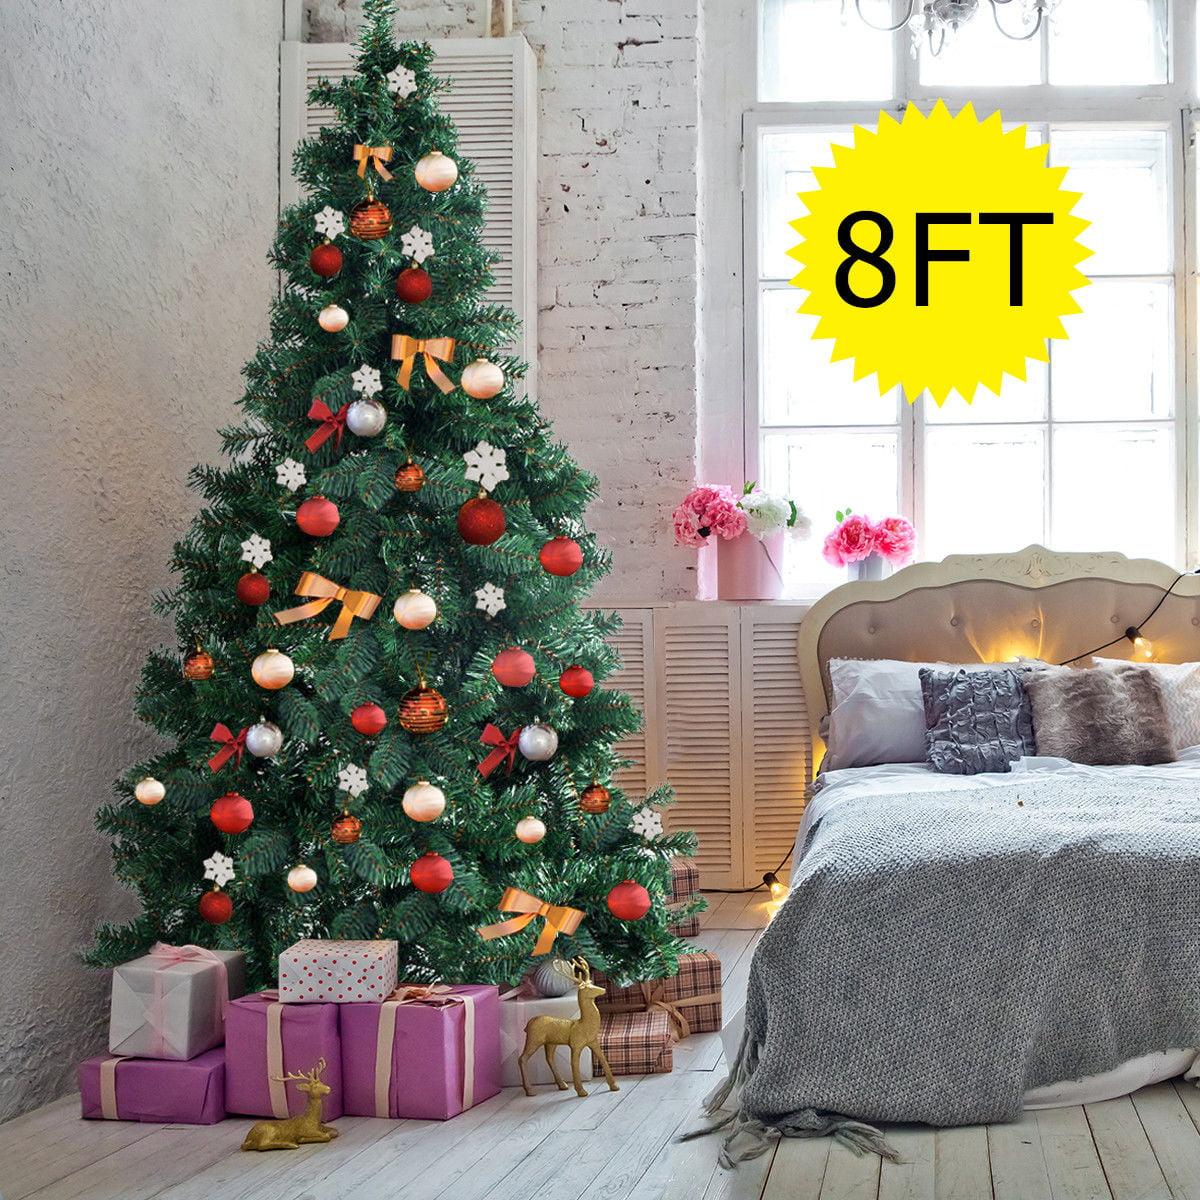 e0ad43b4ead Gymax 8Ft Green Holiday Season Artificial PVC Christmas Tree ...